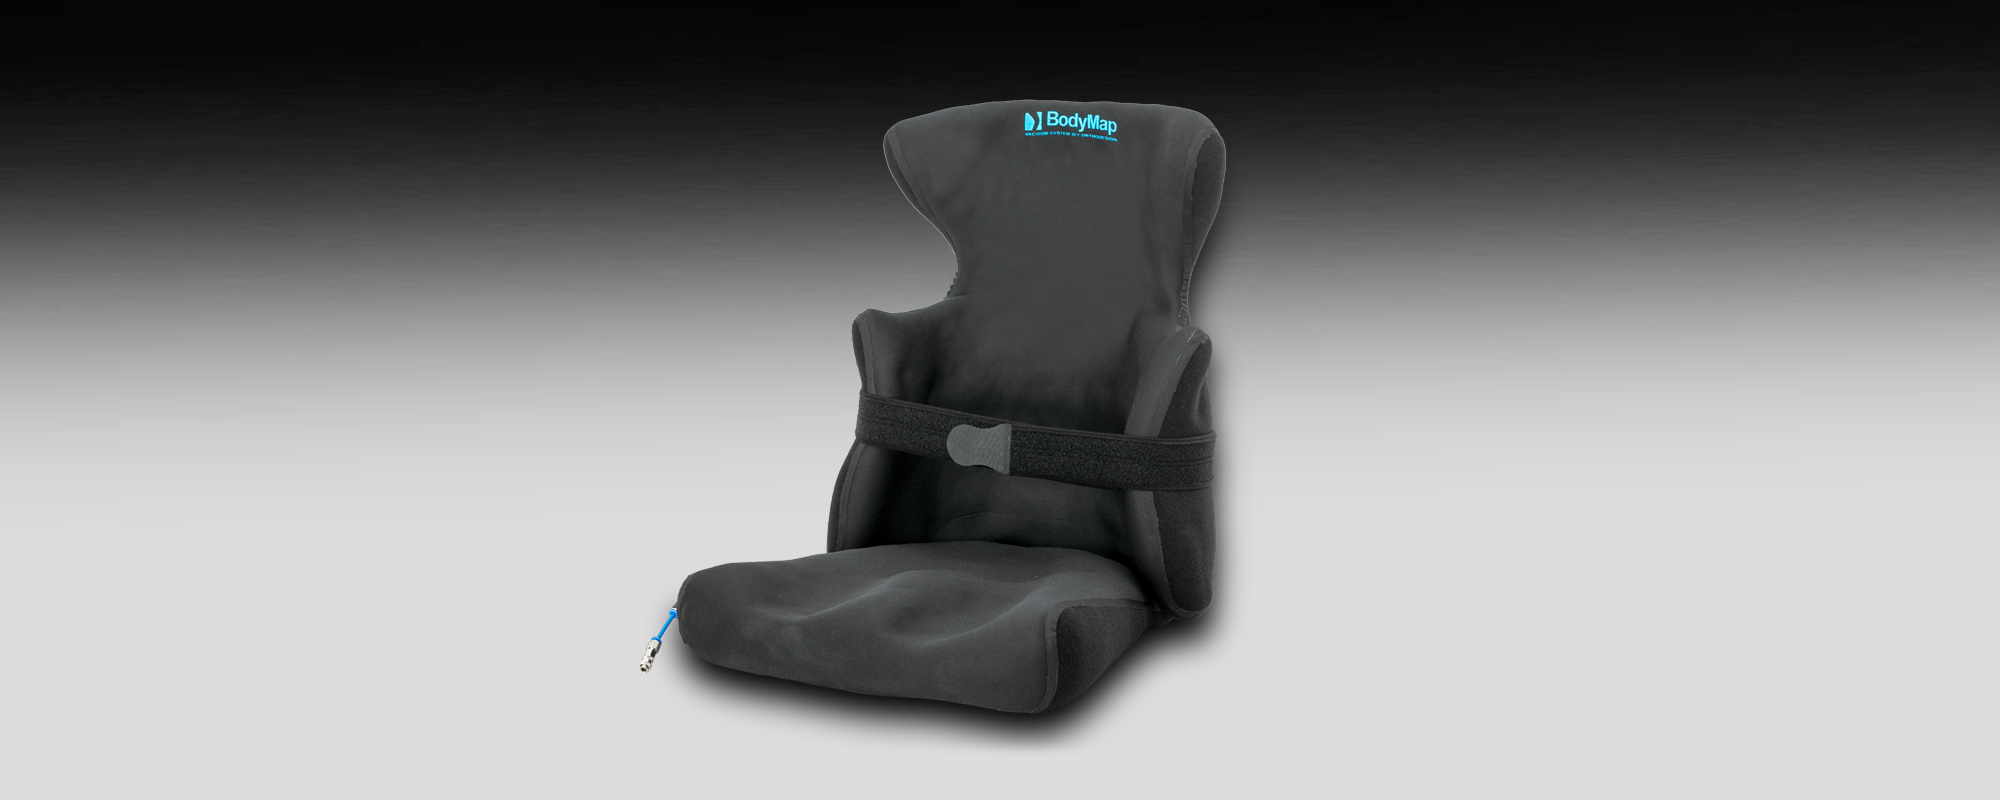 Podciśnieniowy fotelik z pelotami bocznymi i zagłówkiem BodyMap AC